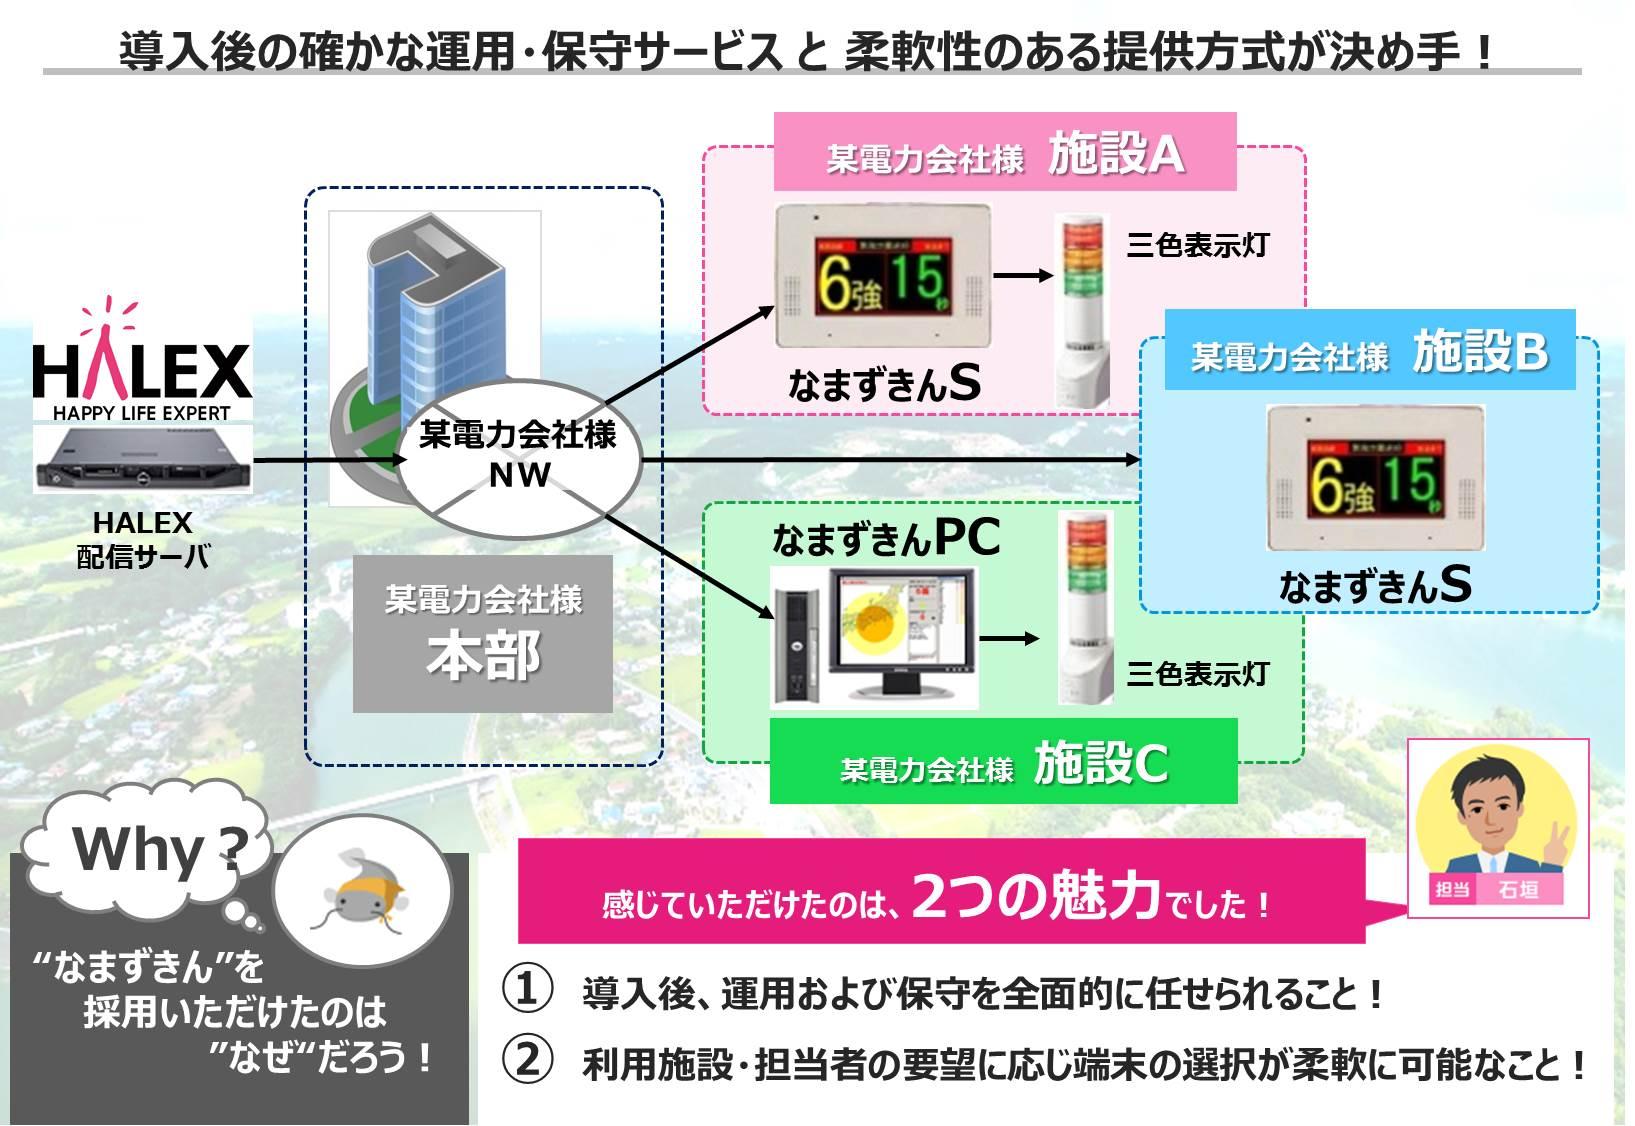 某電力会社(沖縄電力)導入事例